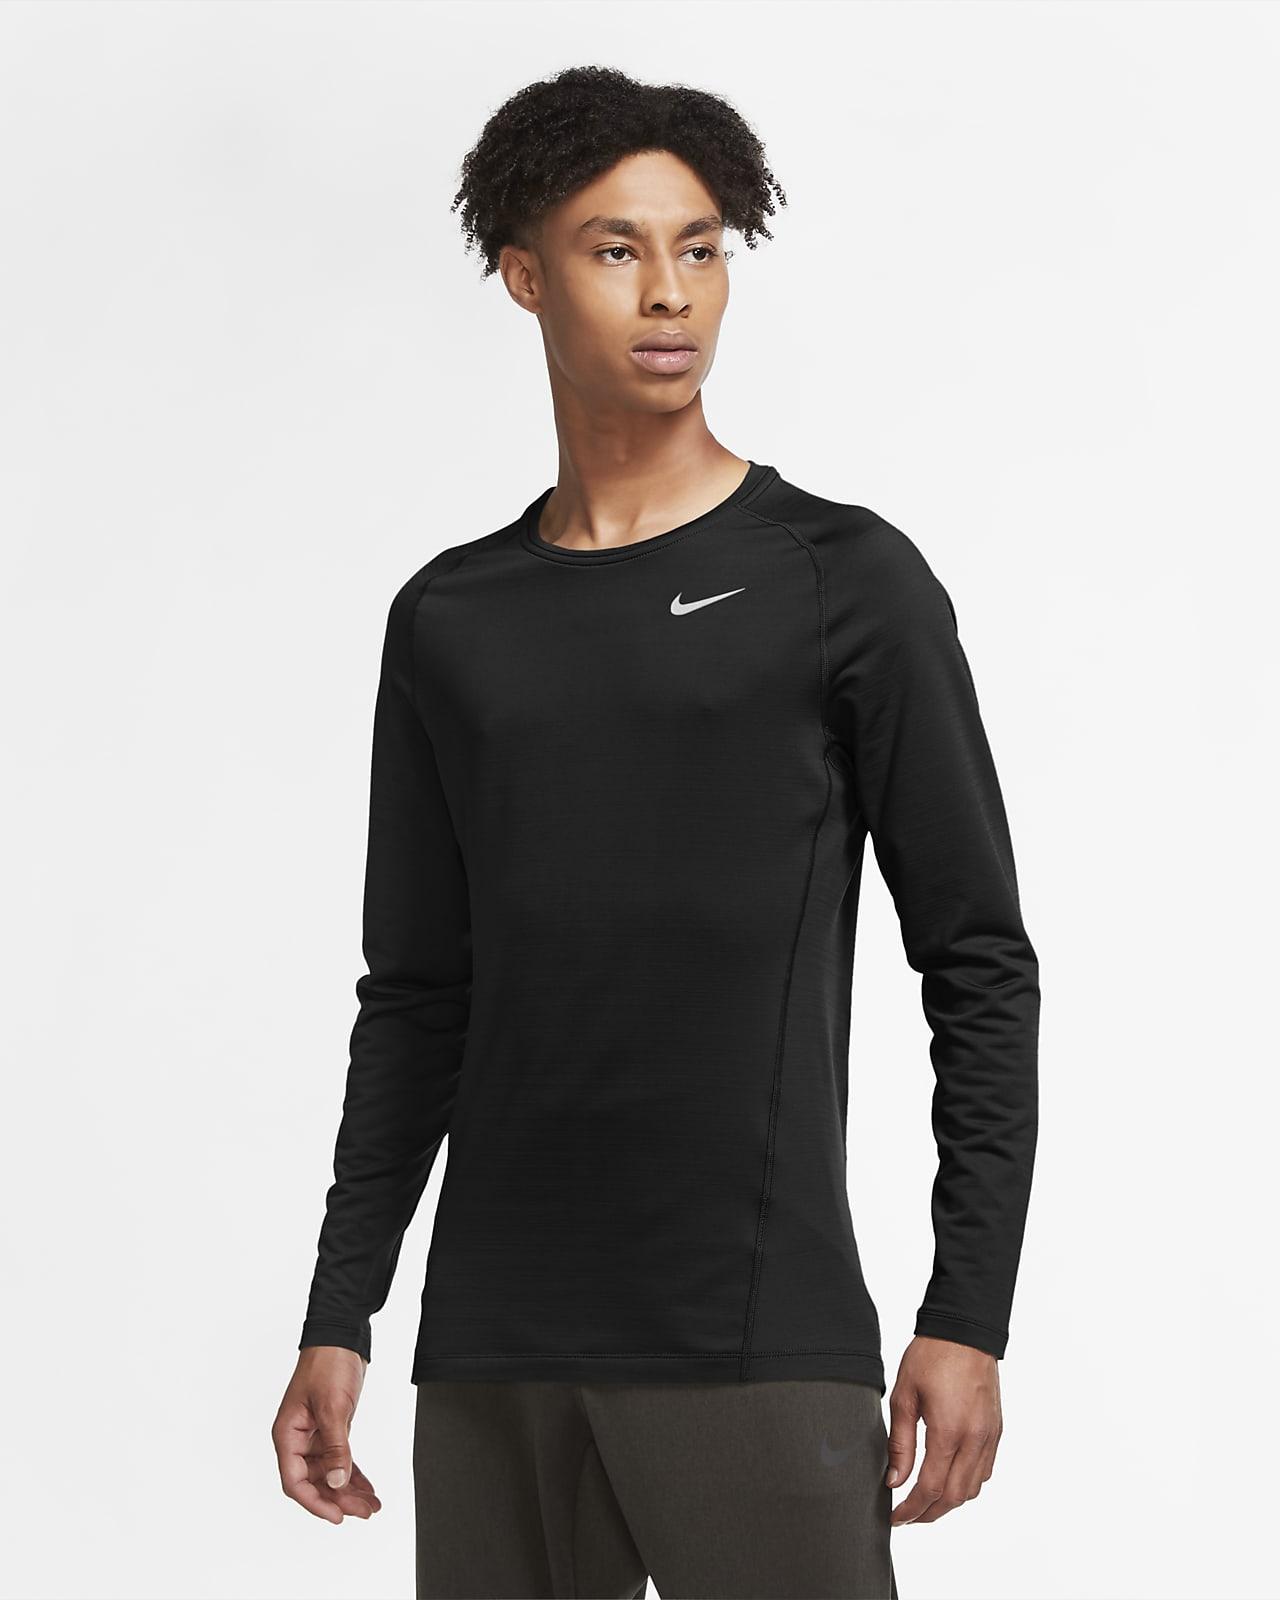 Pánské tričko Nike Pro Warm s dlouhým rukávem